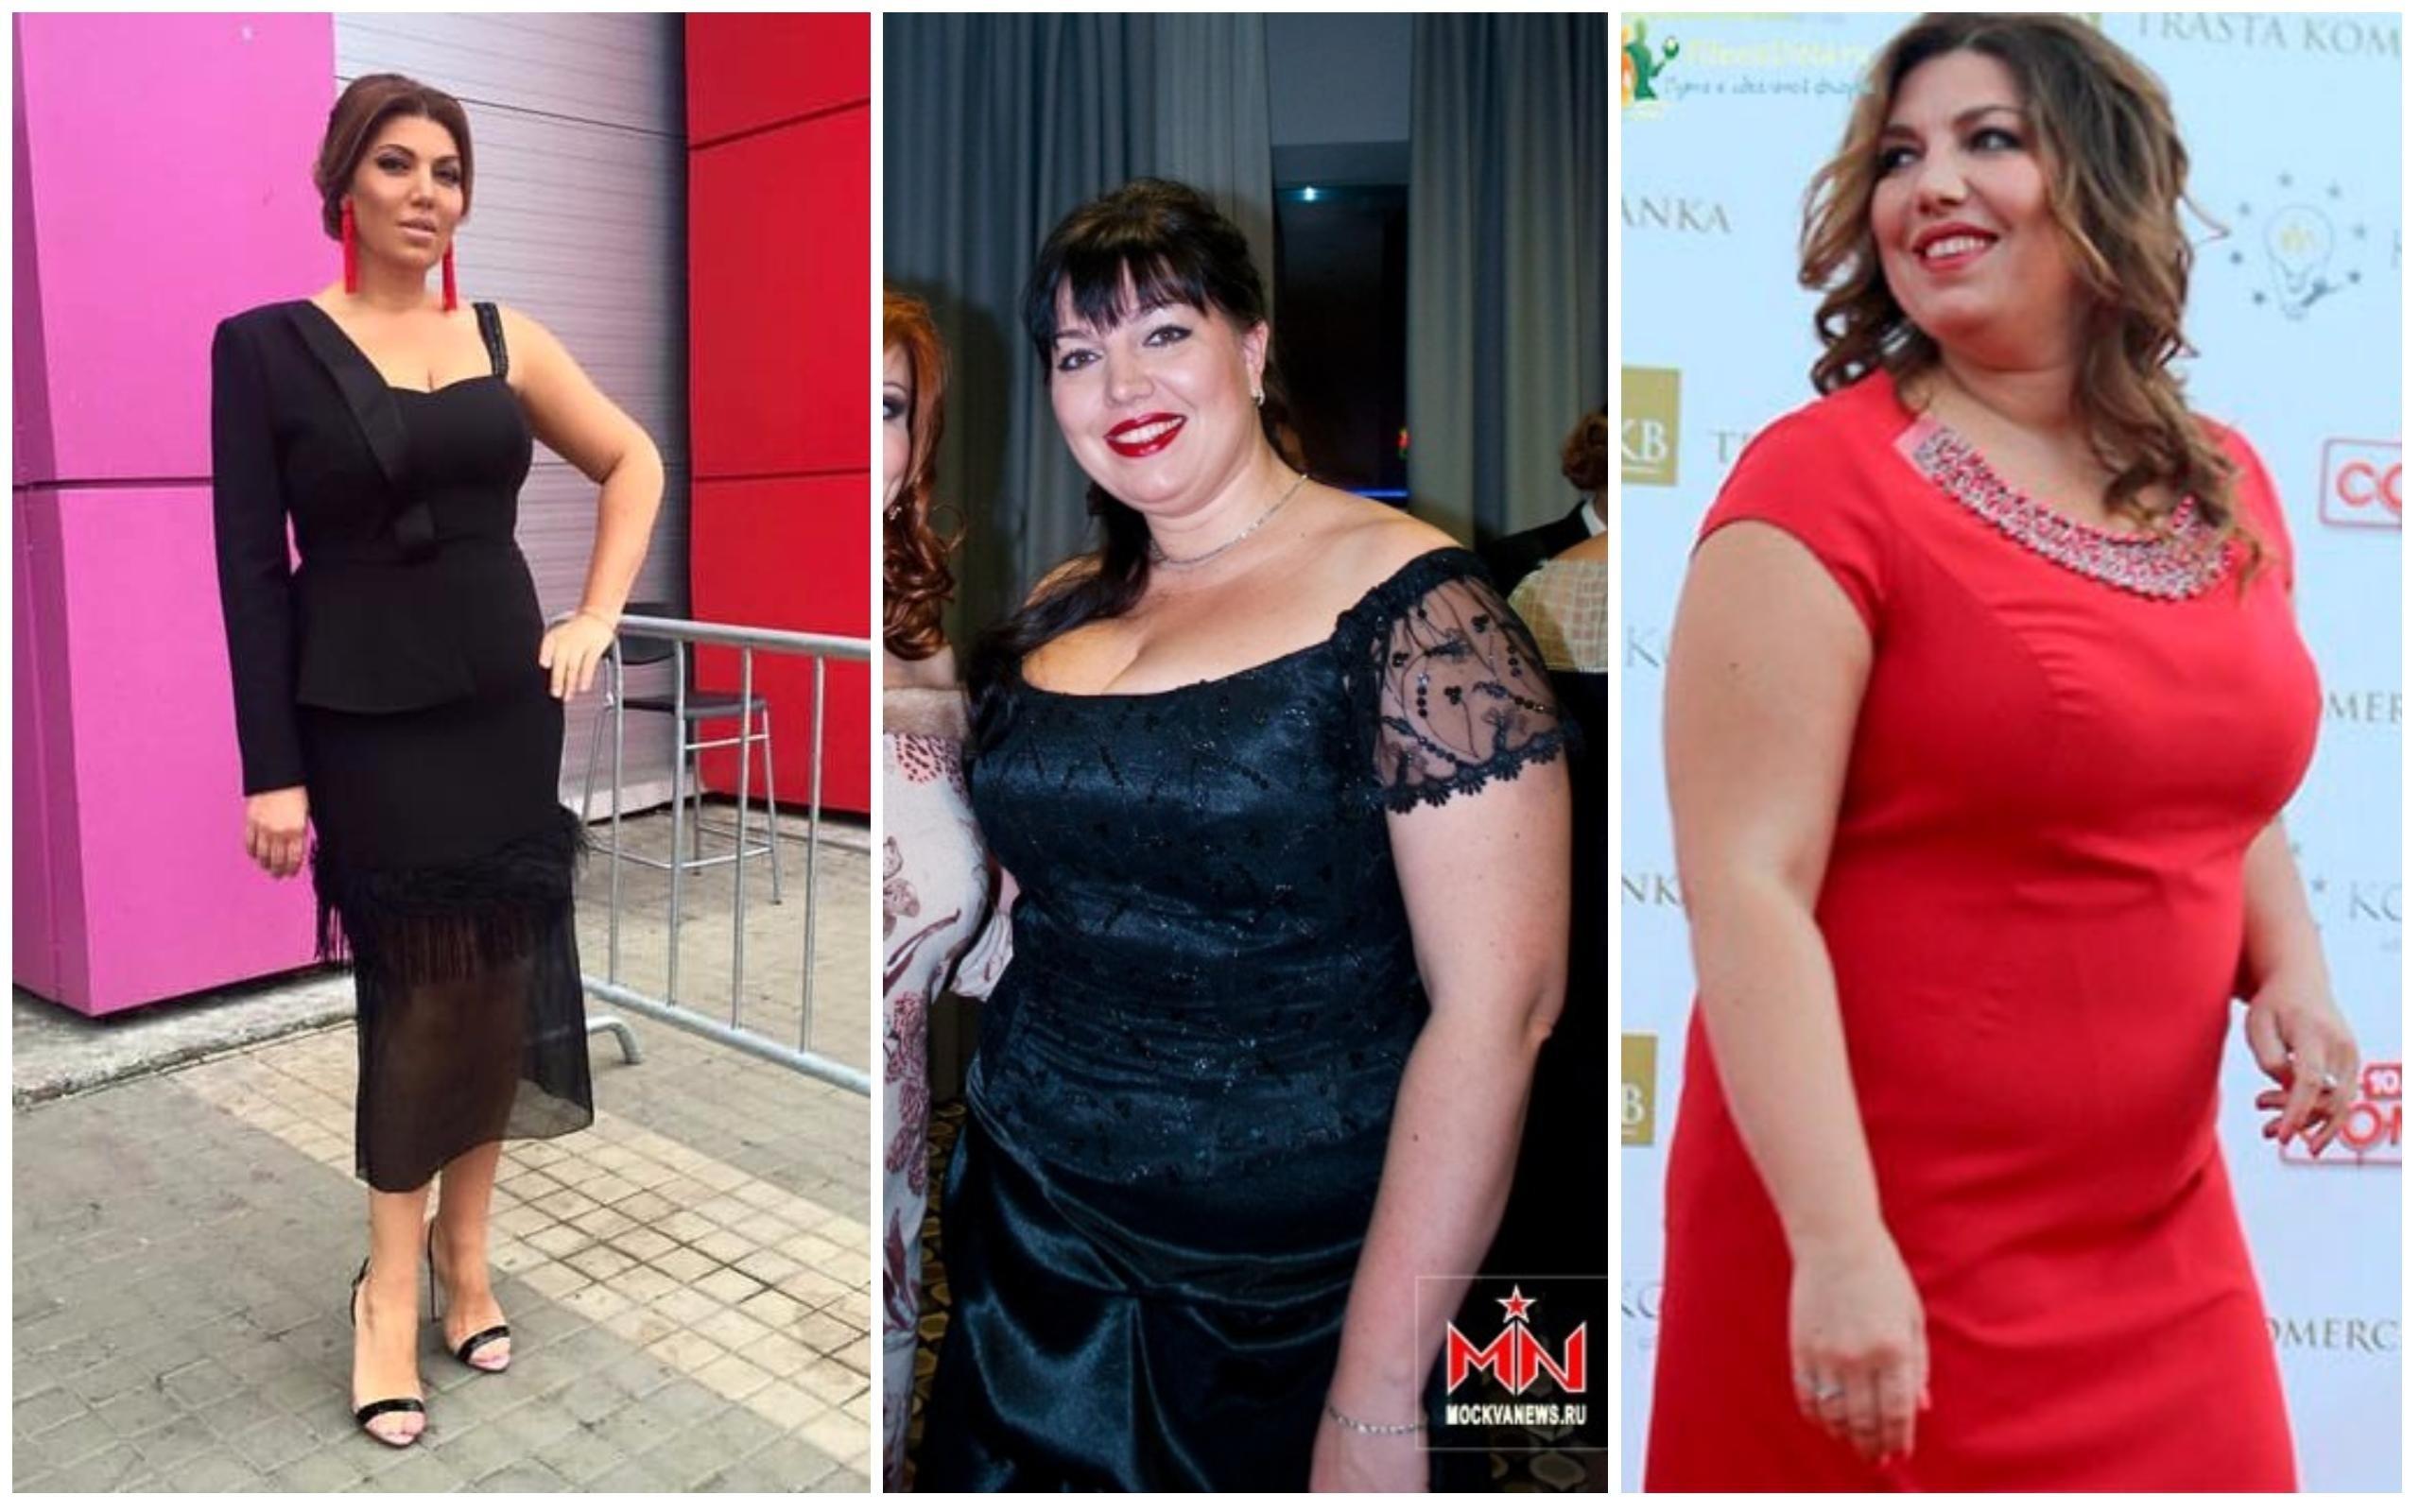 Актрисы Которые Смогли Похудеть. Из пышек в худышки: топ-9 звезд, которые смогли похудеть